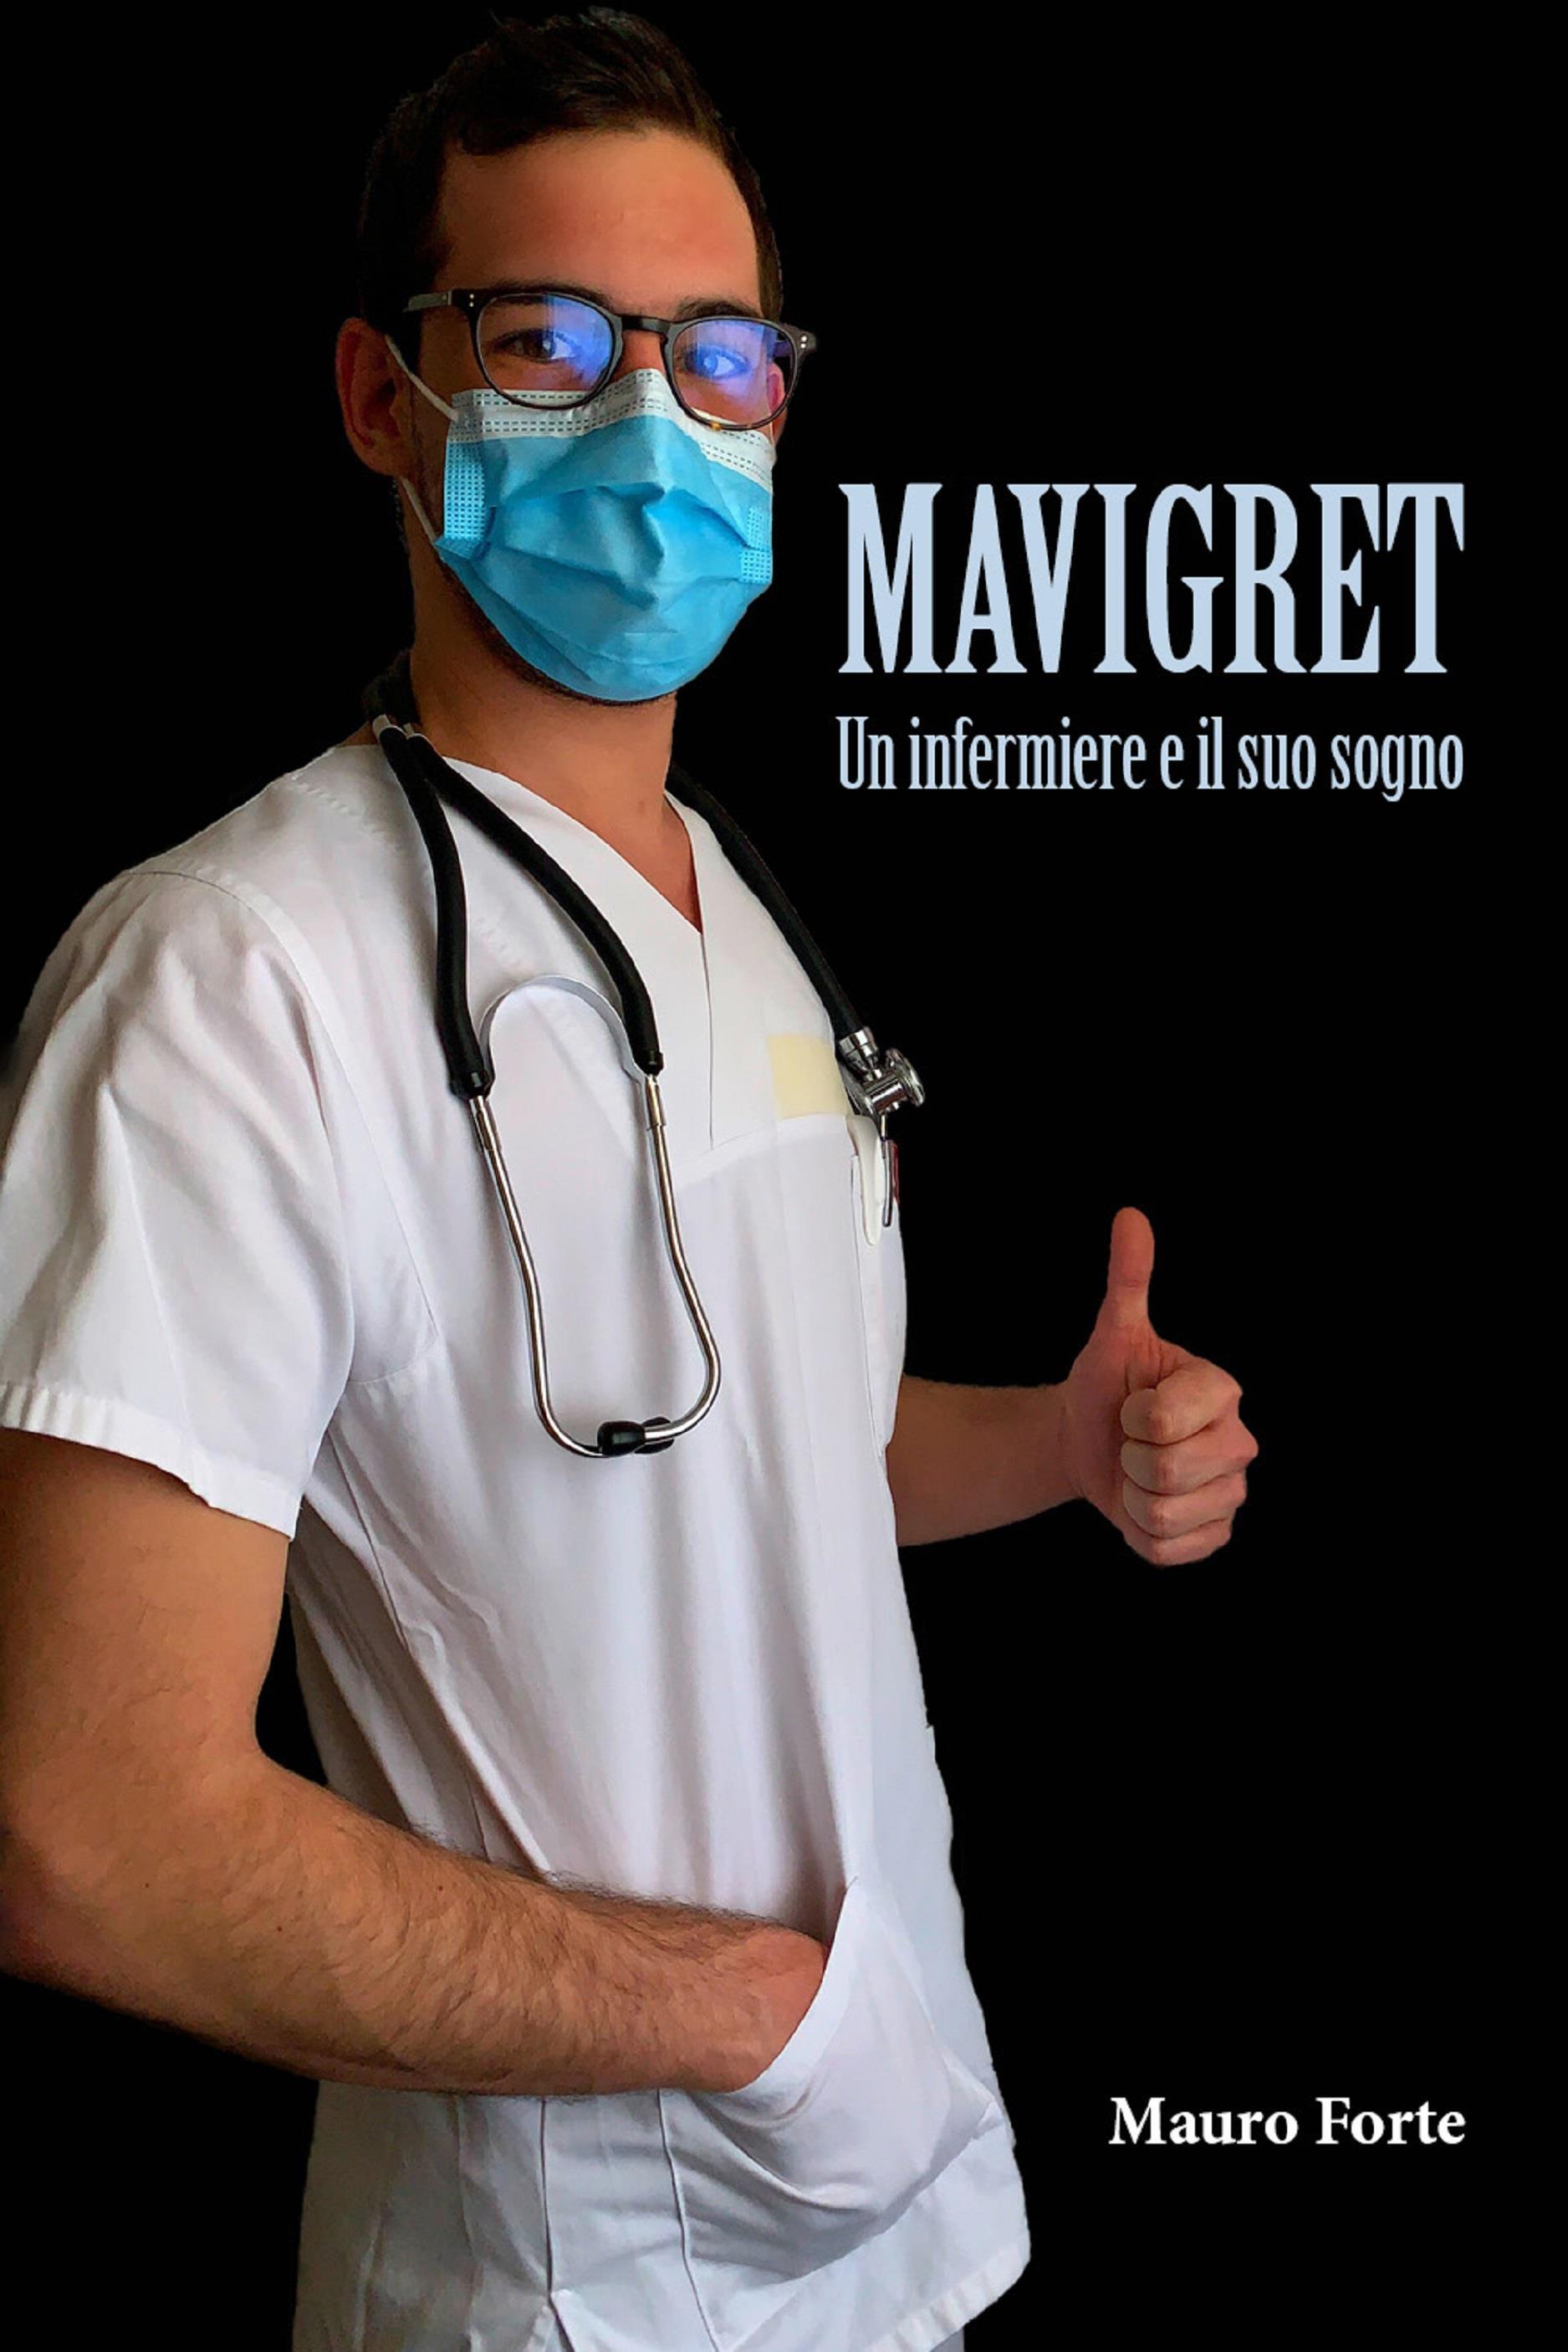 Mavigret - Un Infermiere e il suo sogno